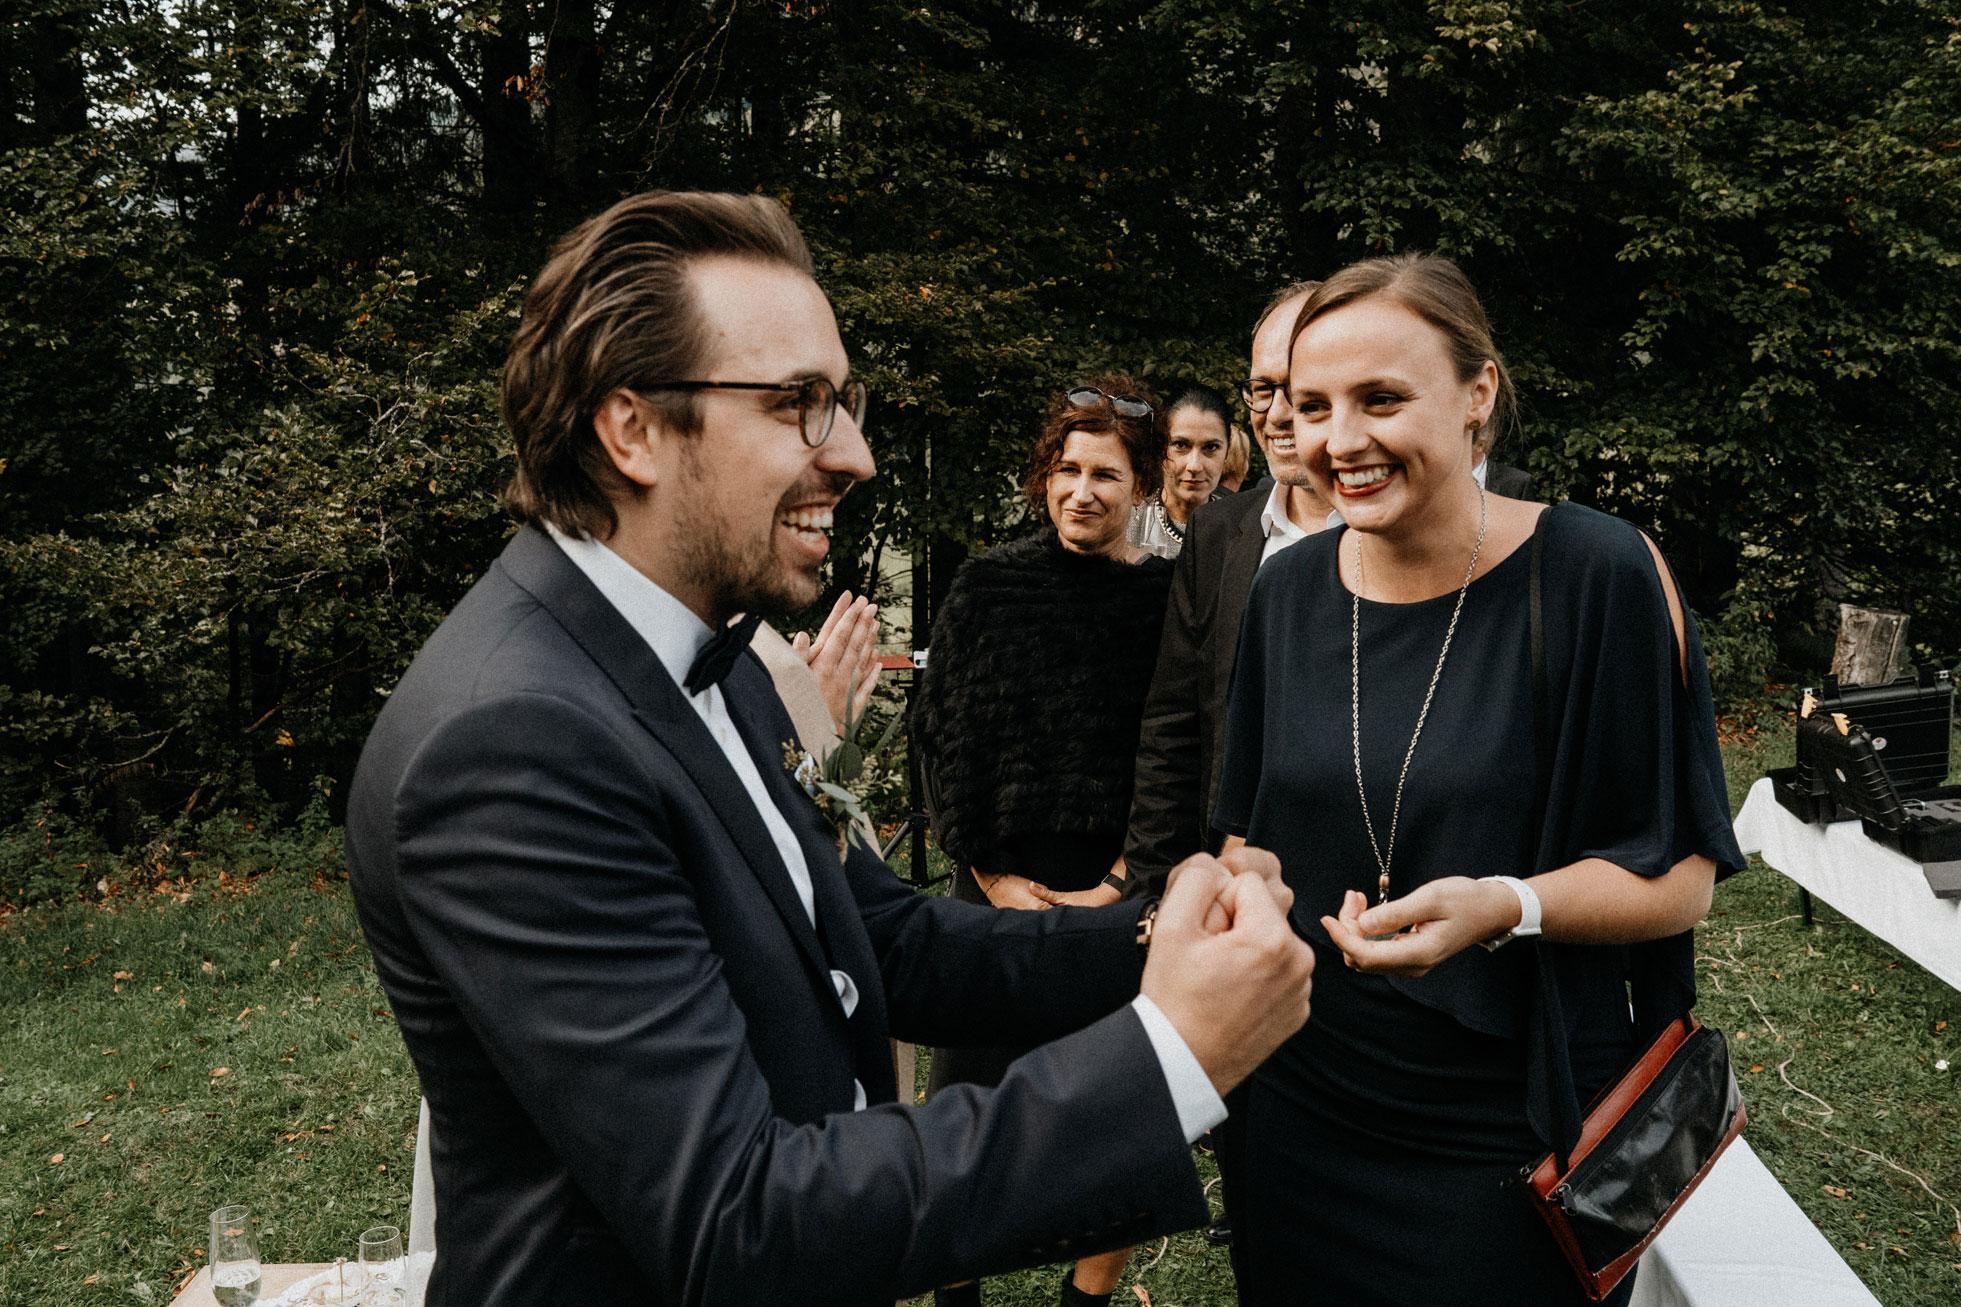 Hochzeit_Claire_Manuel_Villa_Maund_Daniel_Jenny-299.jpg